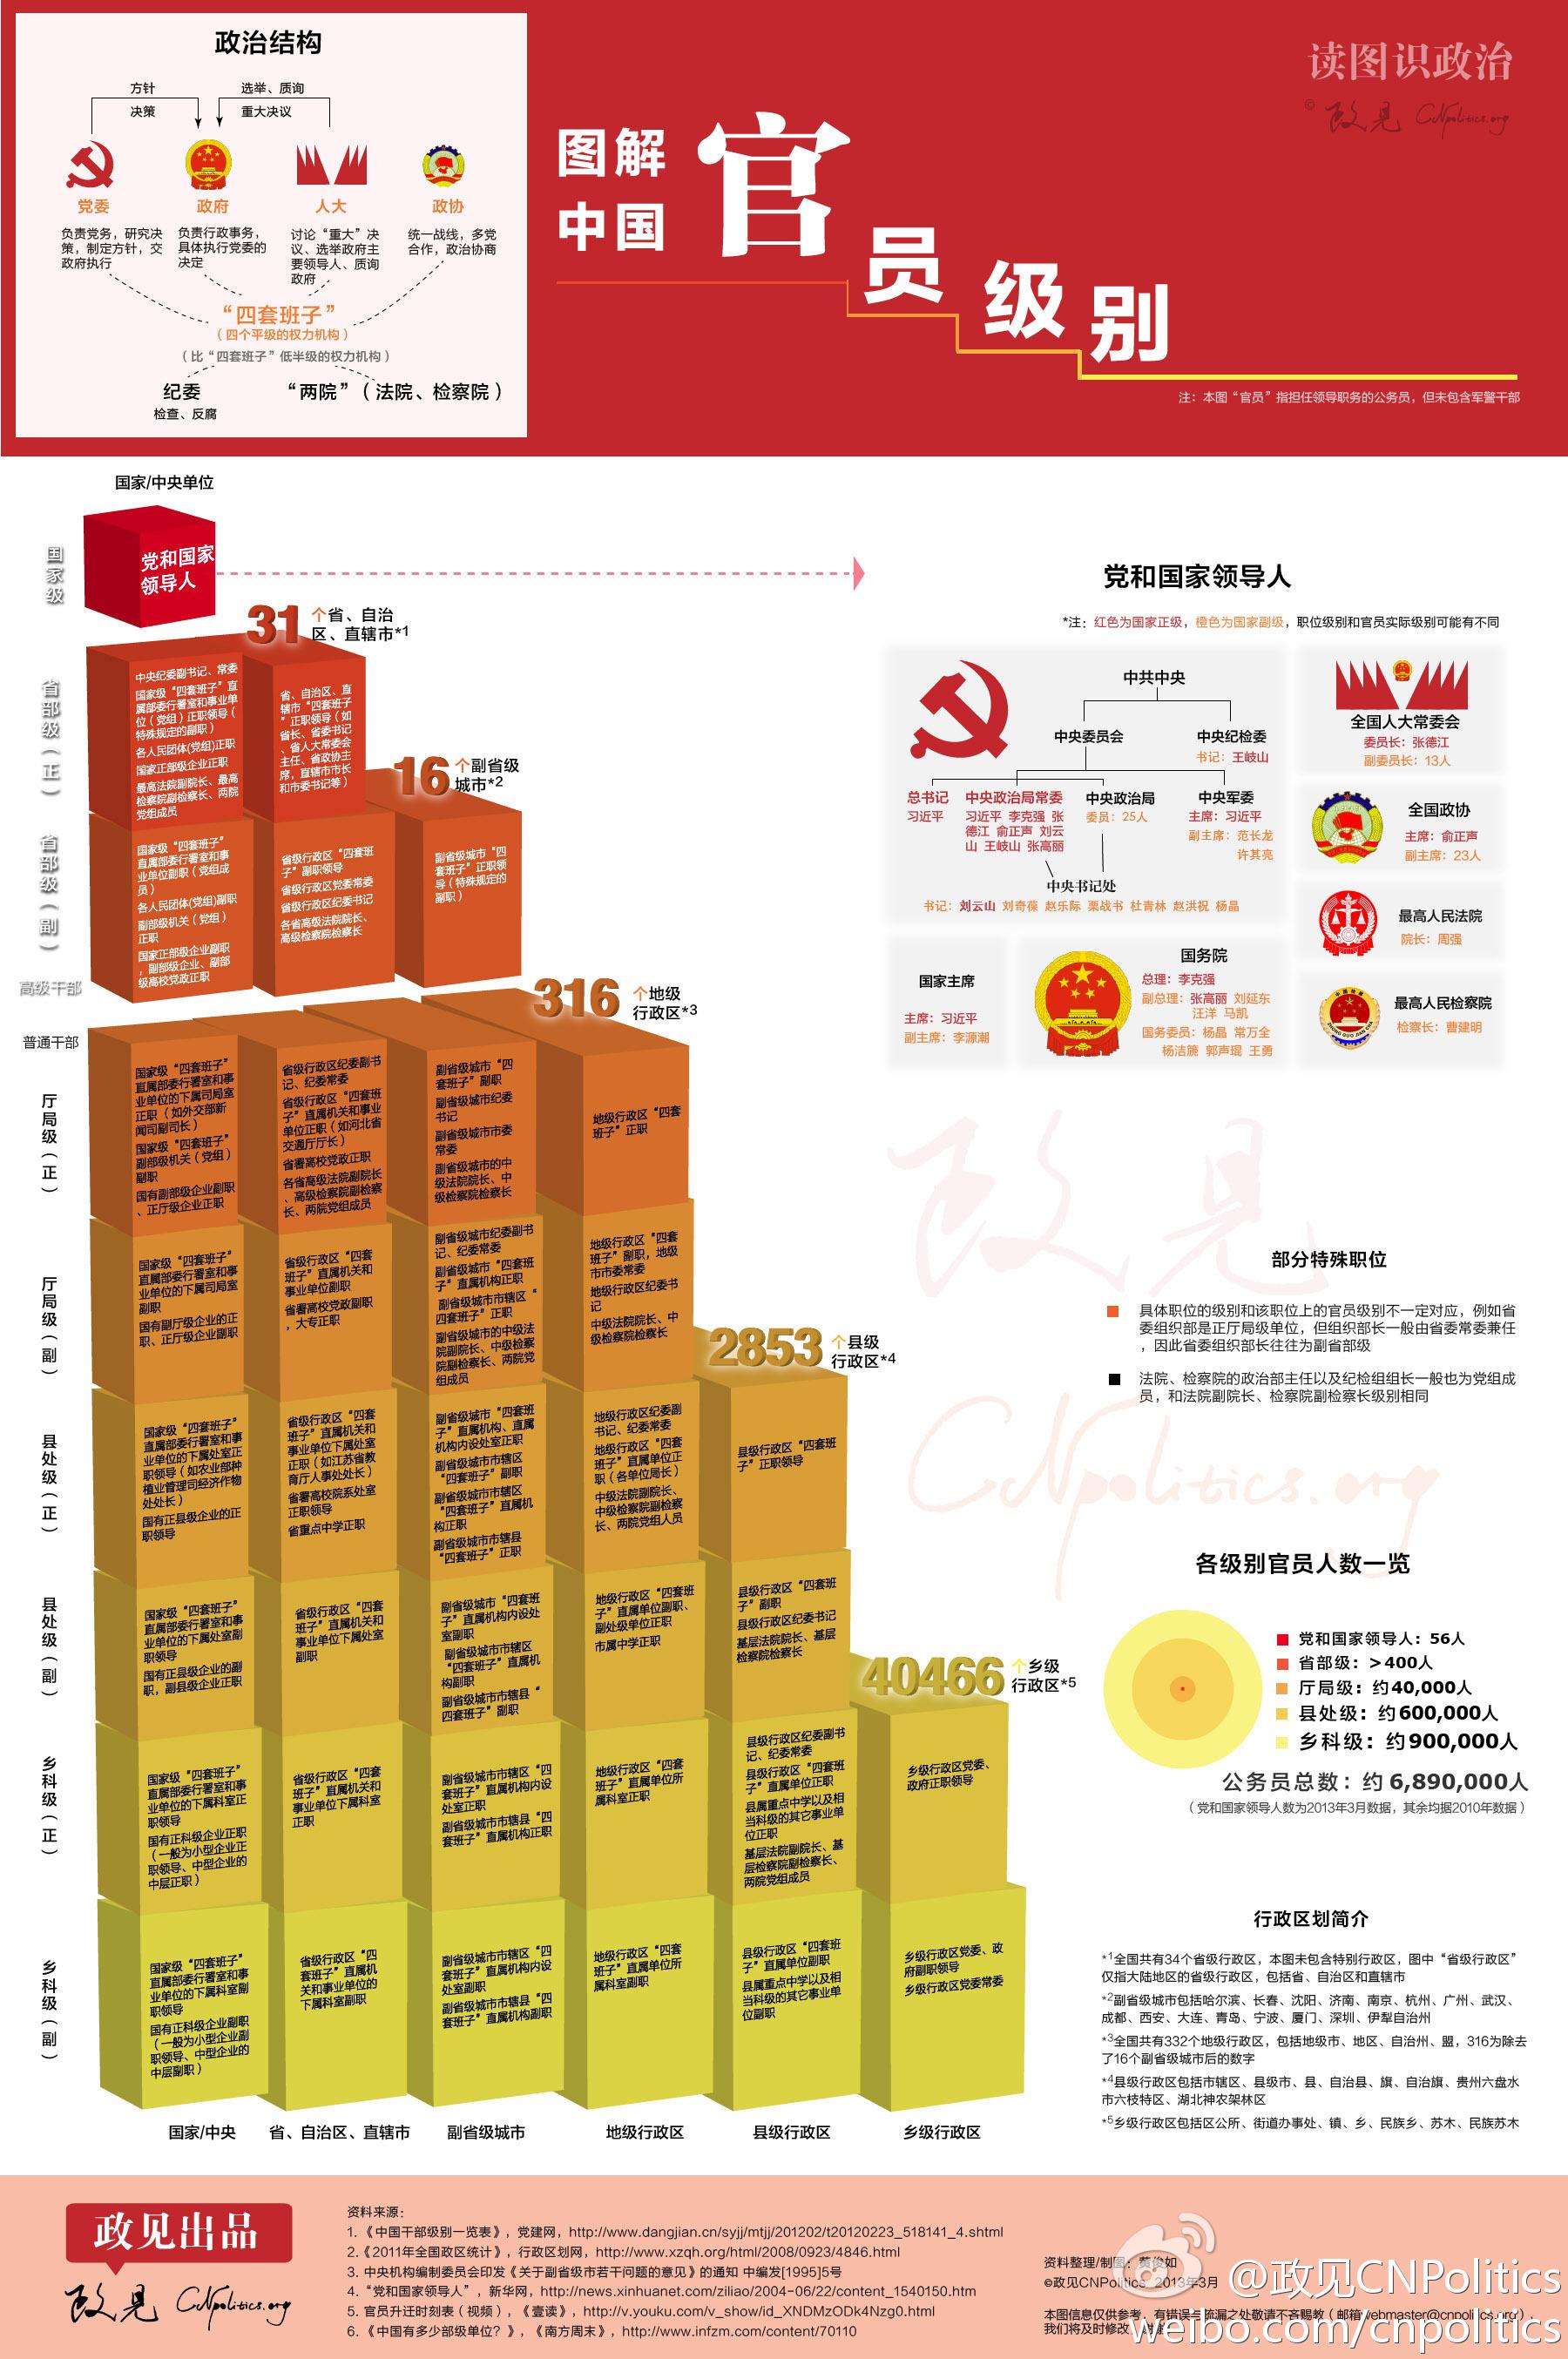 一张图看懂中国五套班子领导体系 - 柏村休闲居 - 柏村休闲居